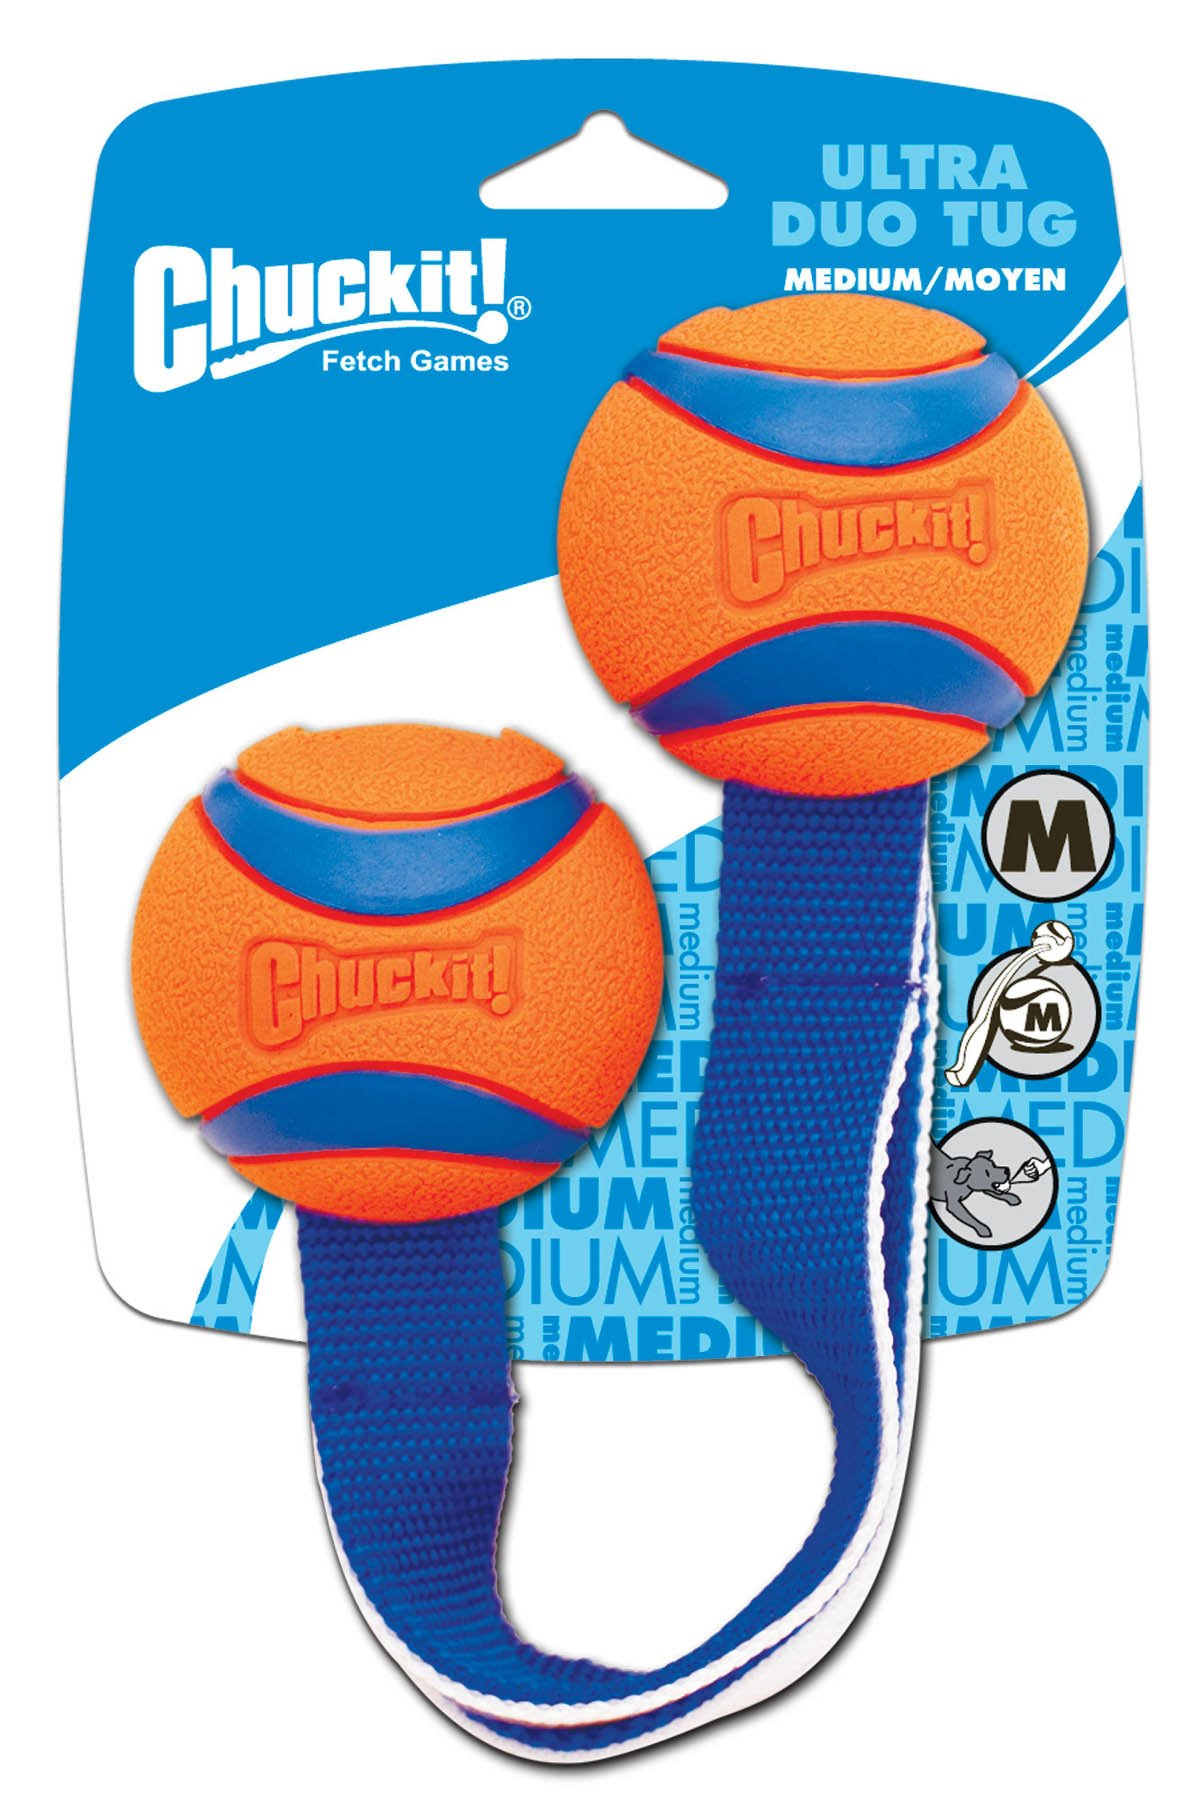 Chuckit Medium Ultra Duo Tug